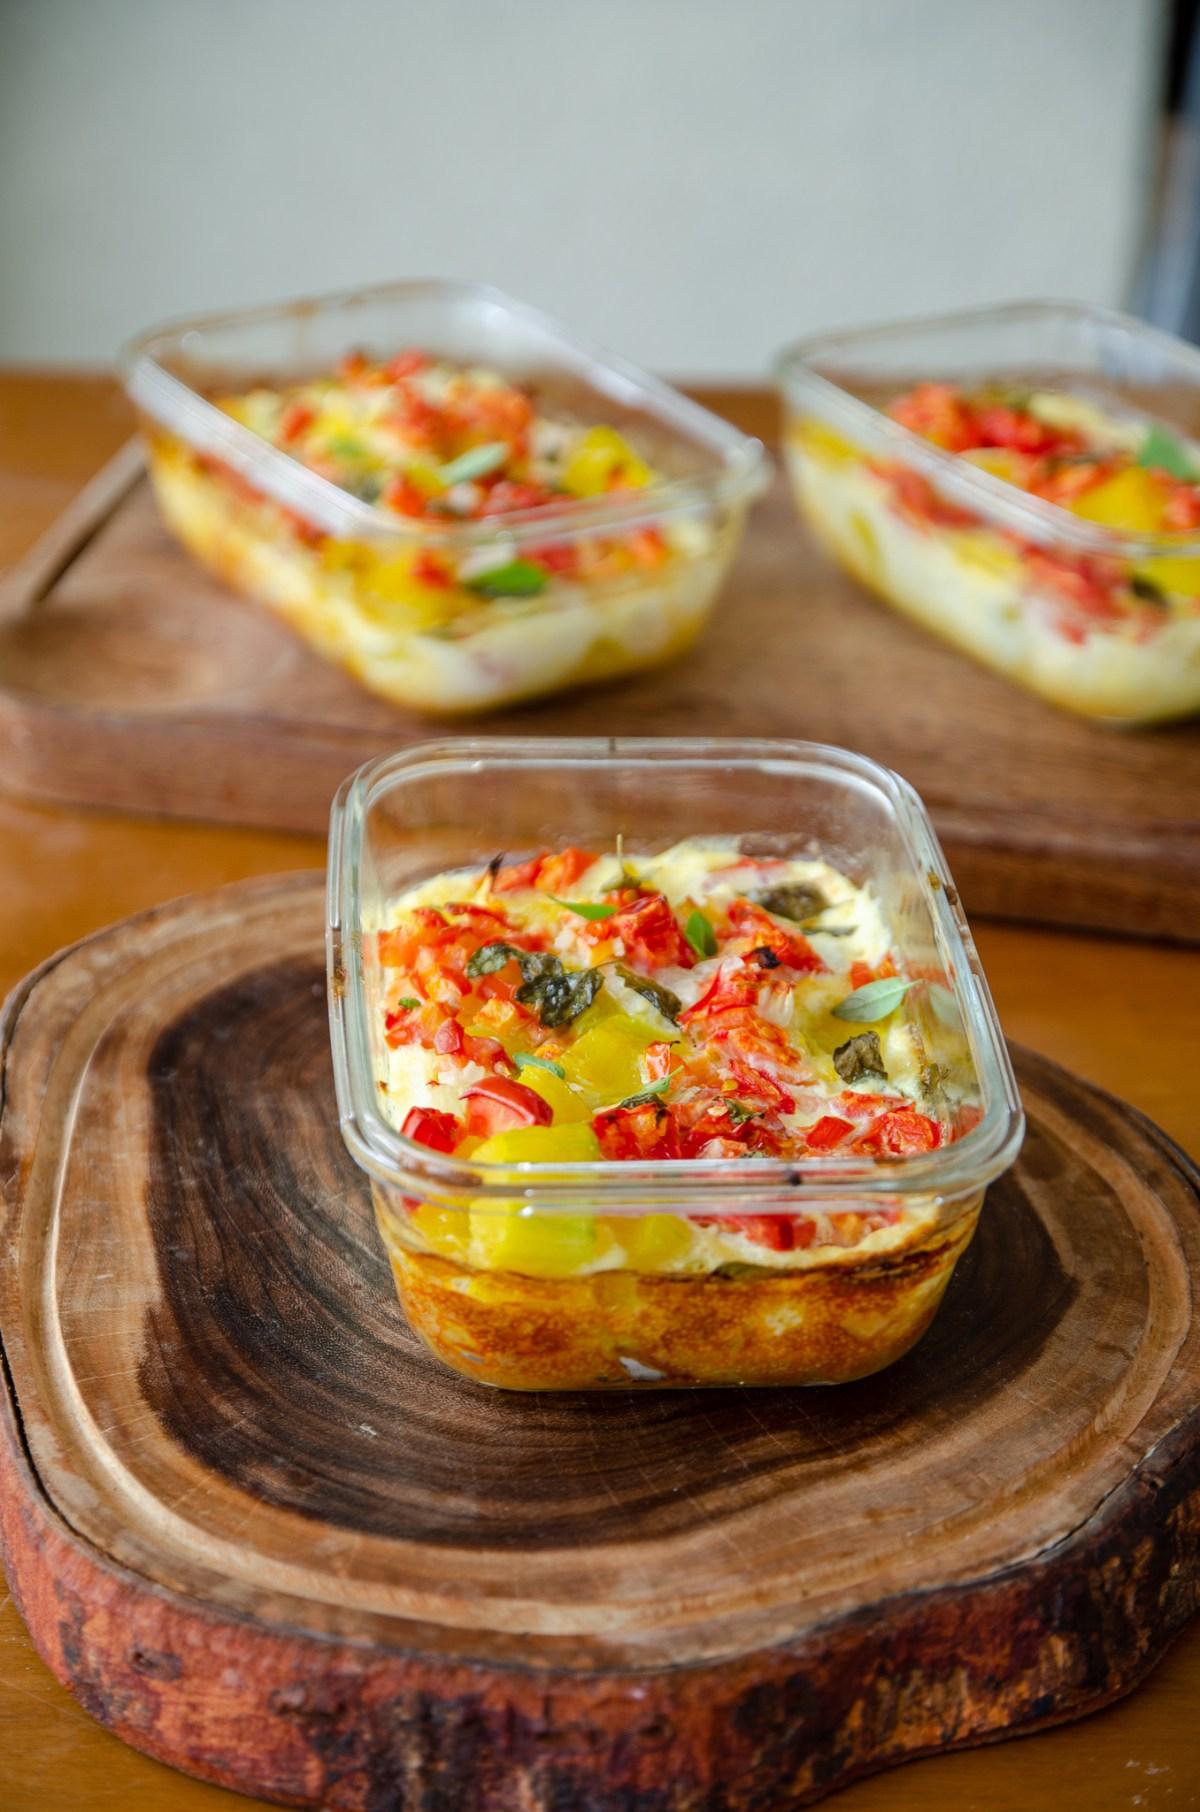 vasilhas de vidro individuais com o omelete de abobora ja assados